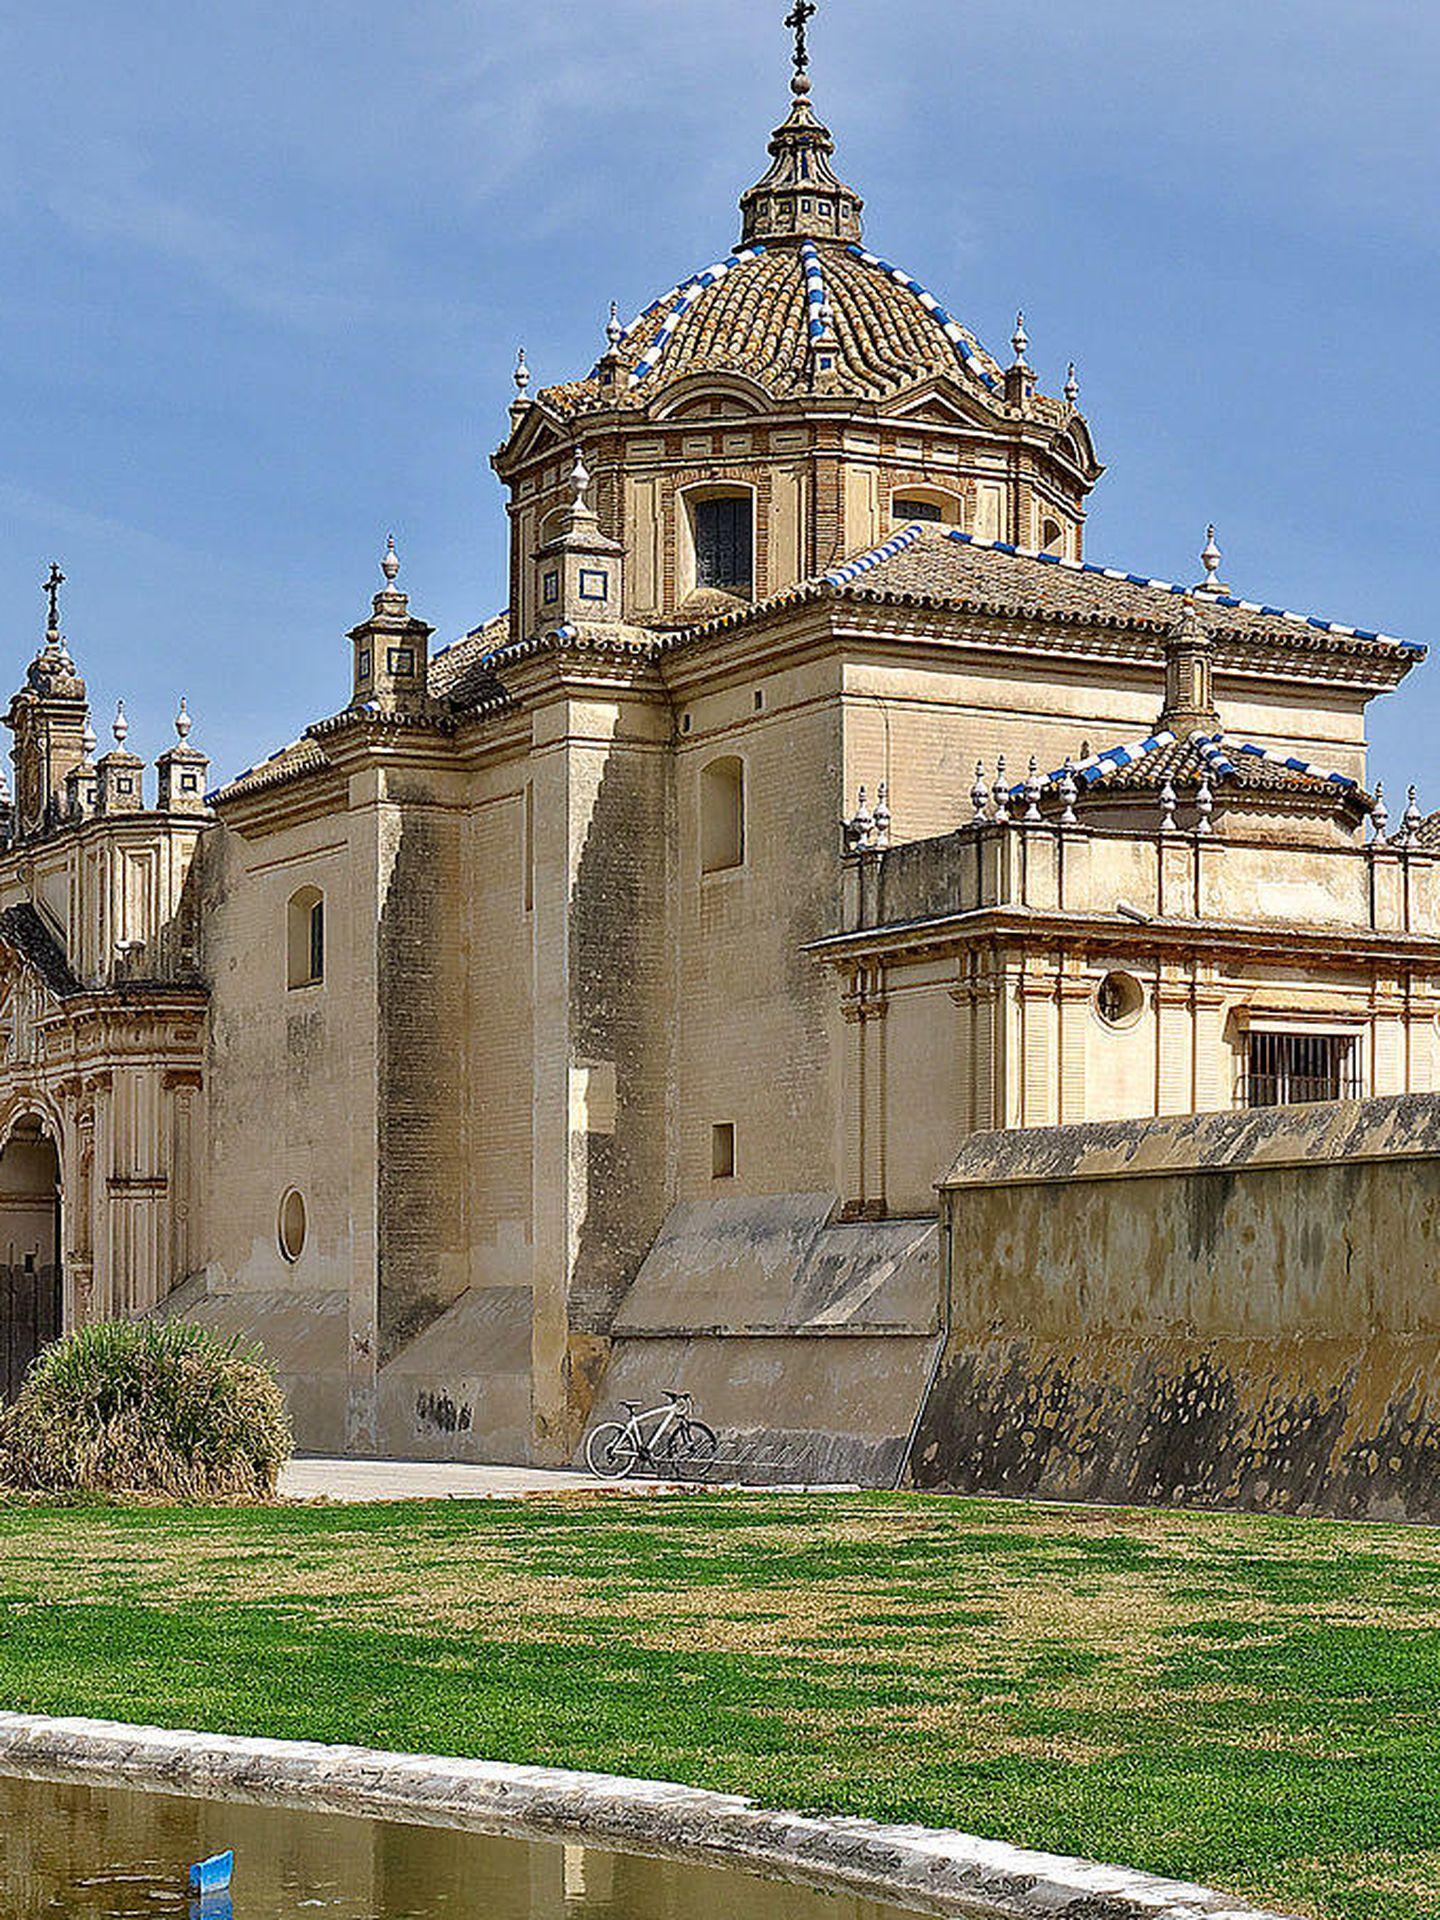 El Monasterio de Santa María de las Cuevas de Sevilla, más conocido como 'la Cartuja'. (CC/José Luis Filpo Cabana)